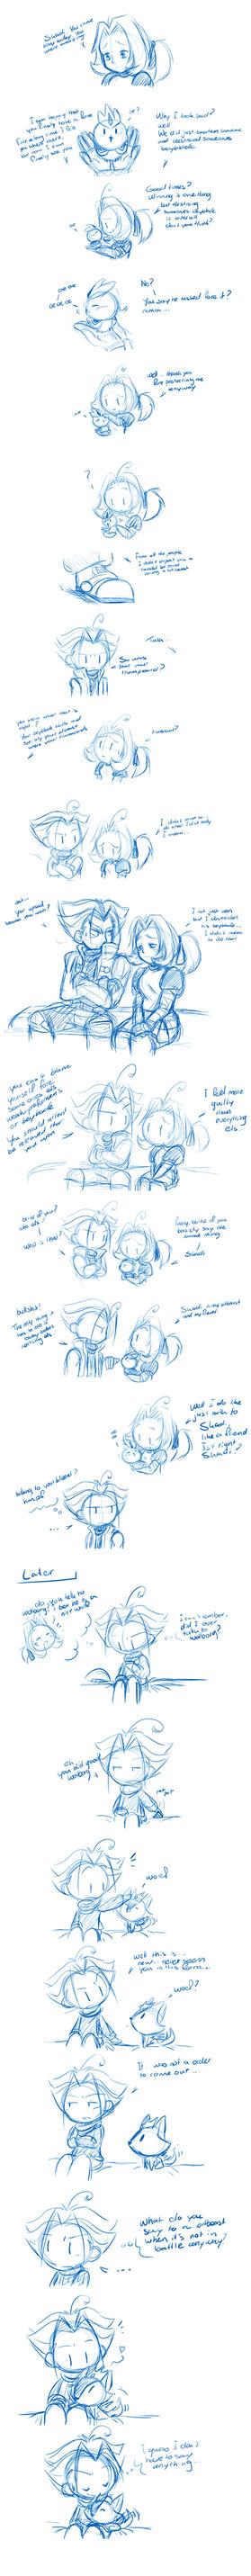 sketch dump talking about bitbeast by I-Am-Bleu